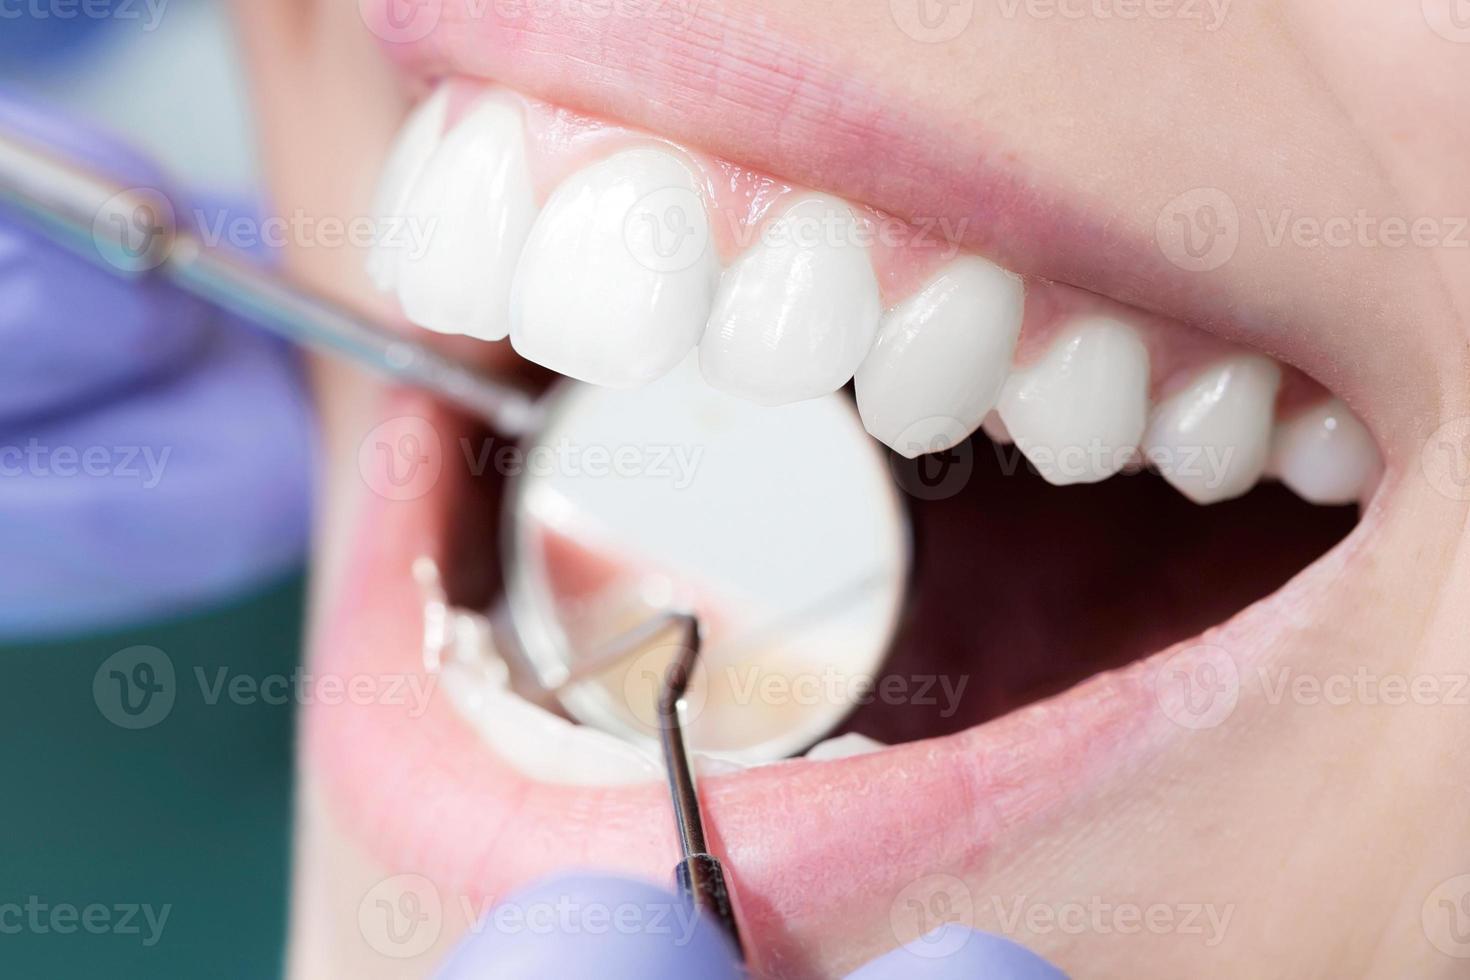 tandarts close-up foto